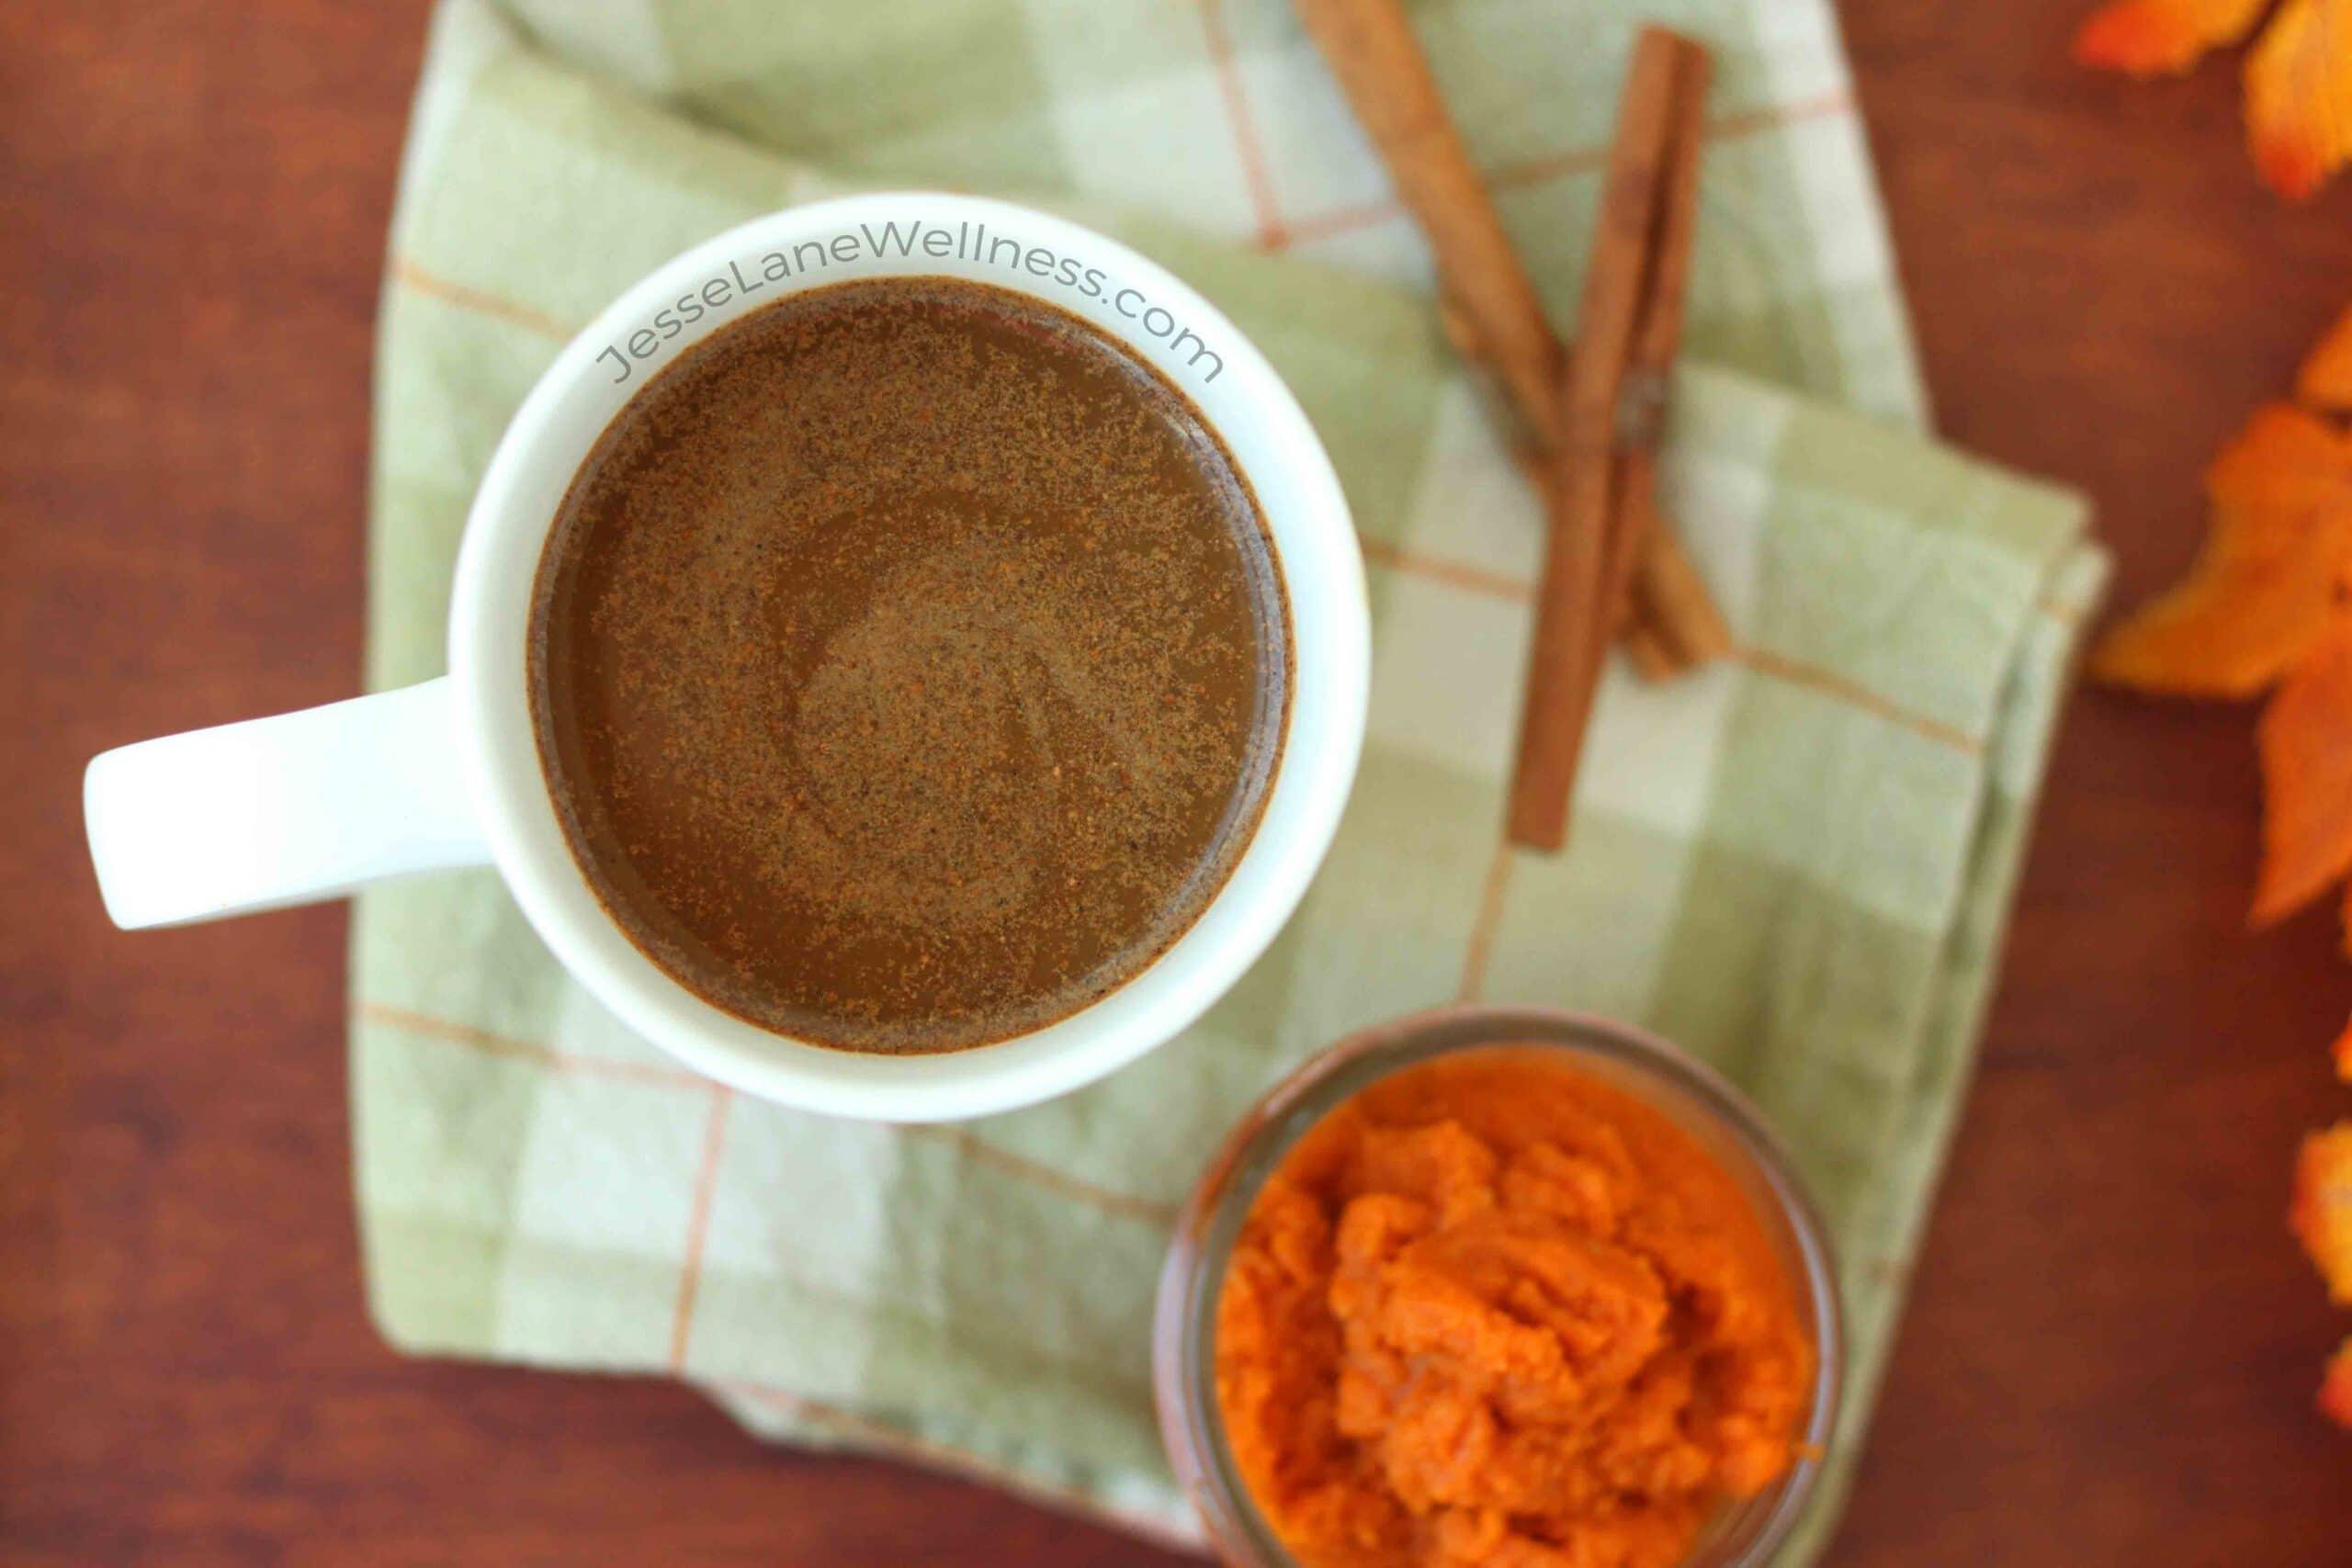 Healthy Pumpkin Spice Latte by @jesselwellness #healthypsl #pumpkinspice